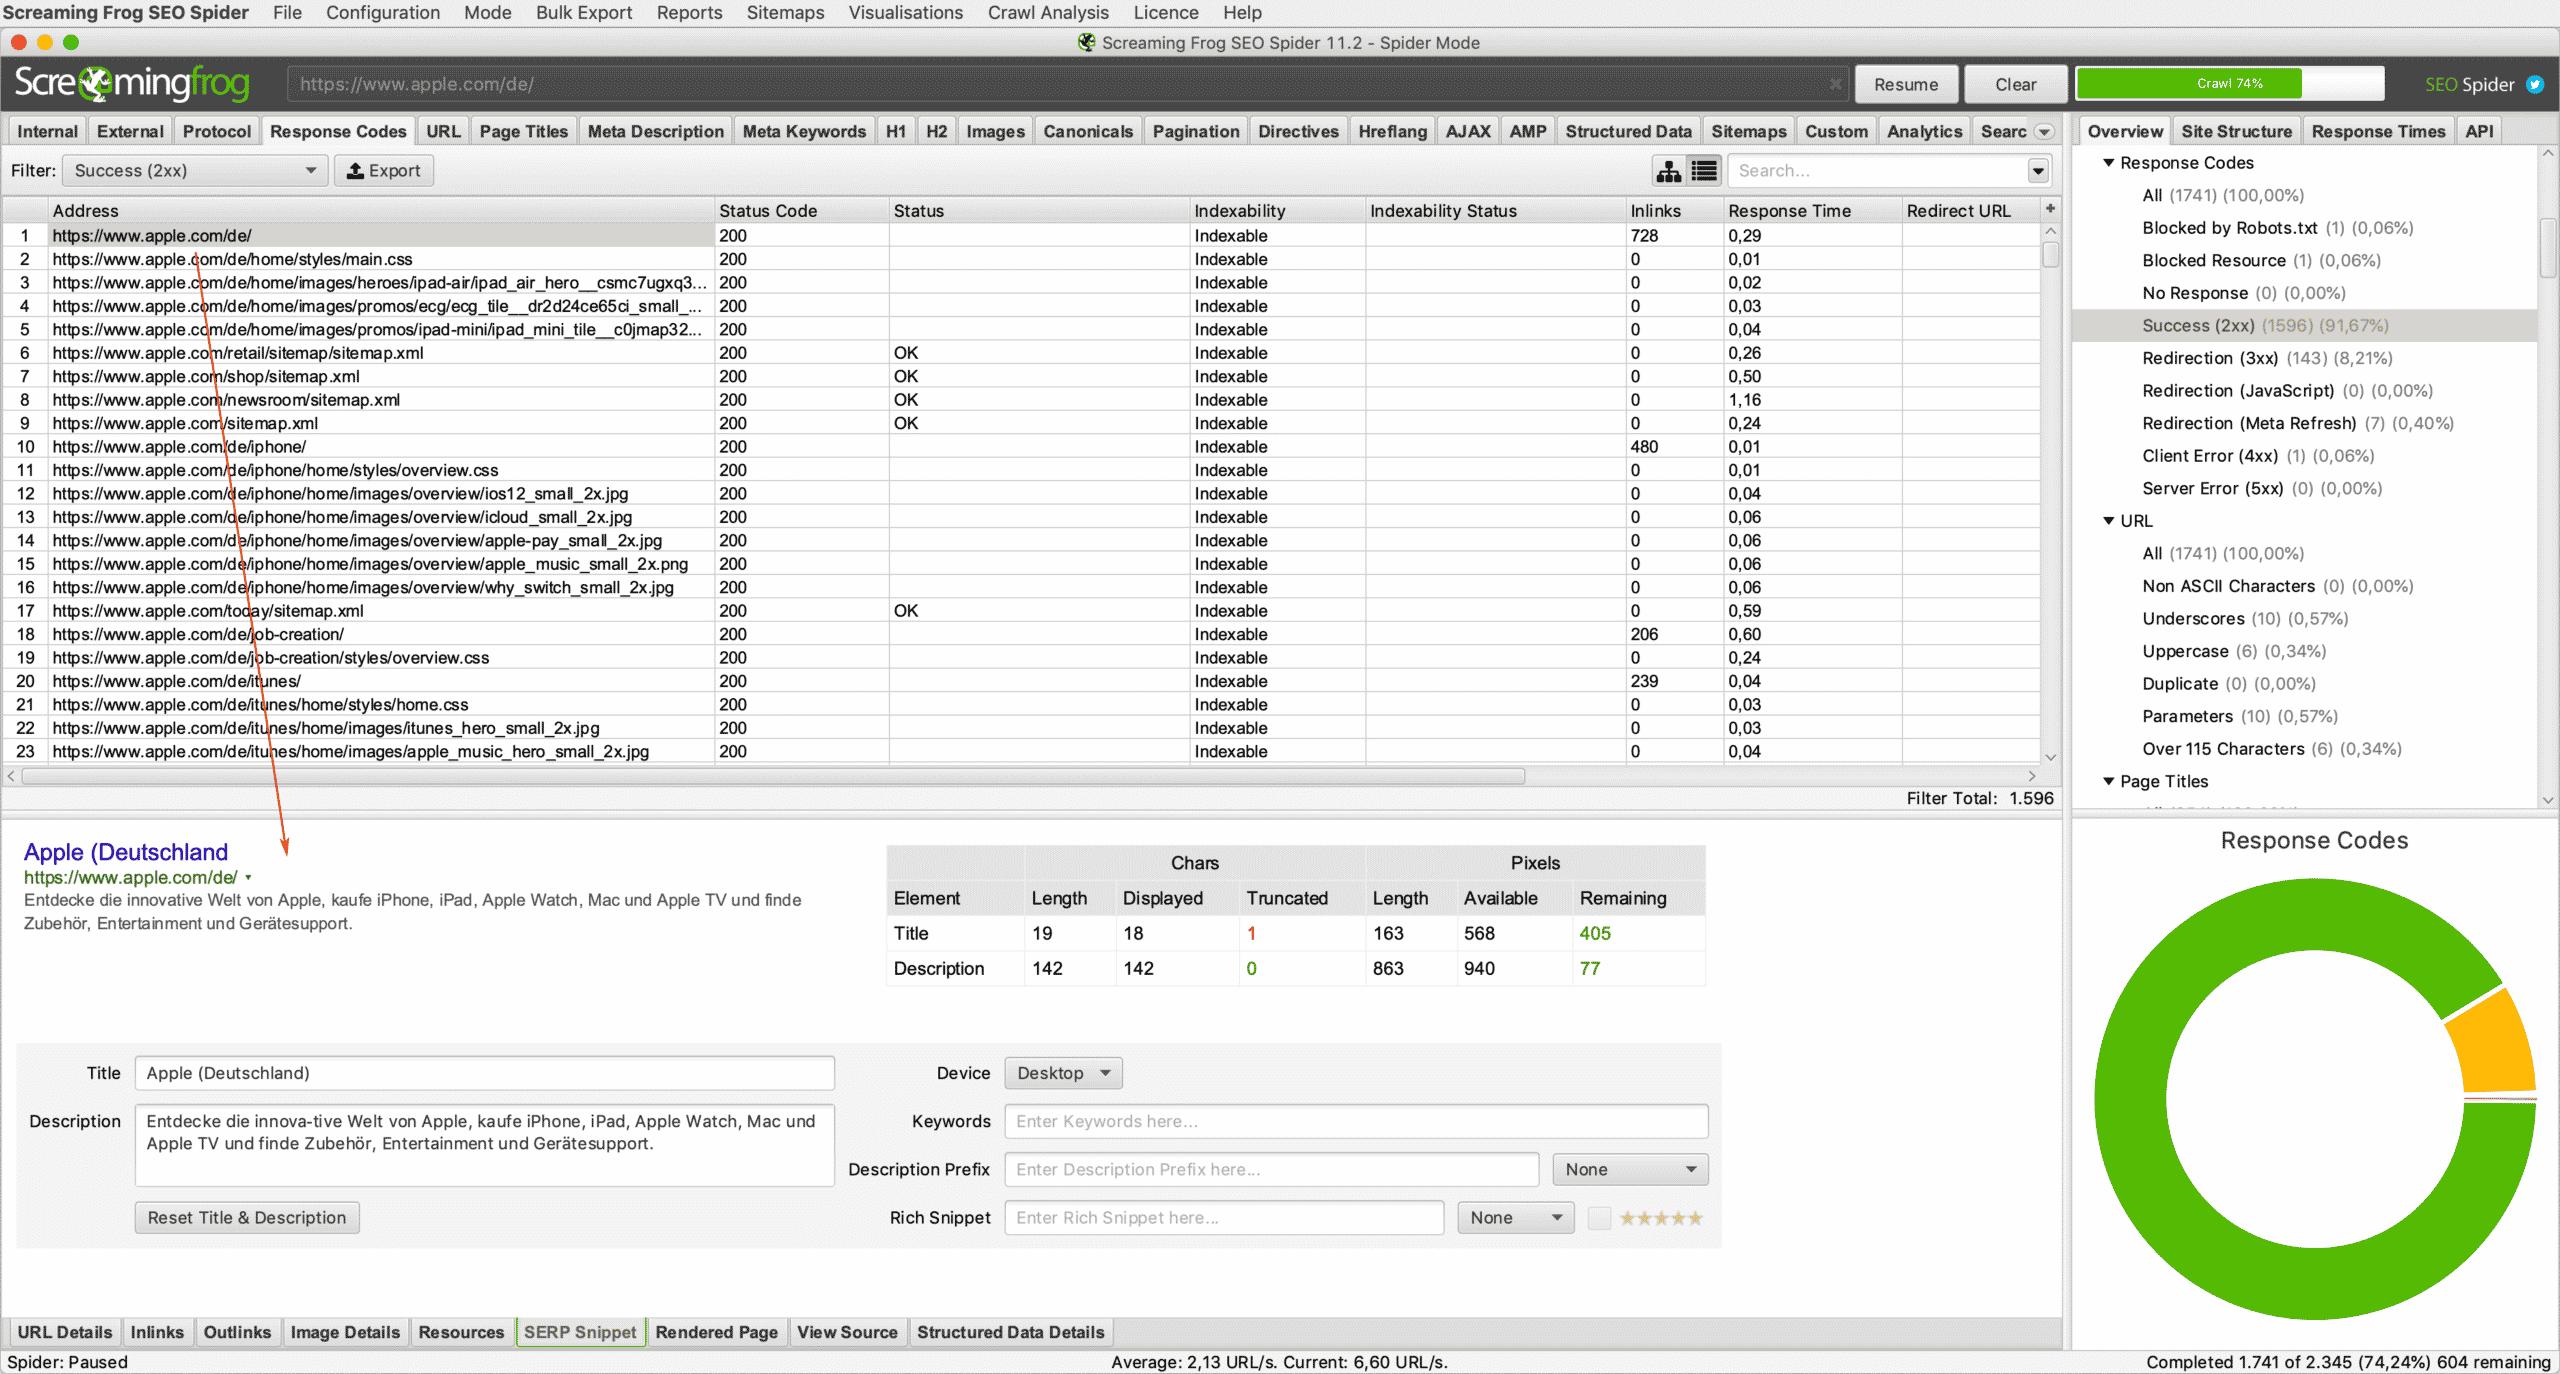 Mit dem SERP Snippet-Tool können verschiedene Optimierungen getestet werden